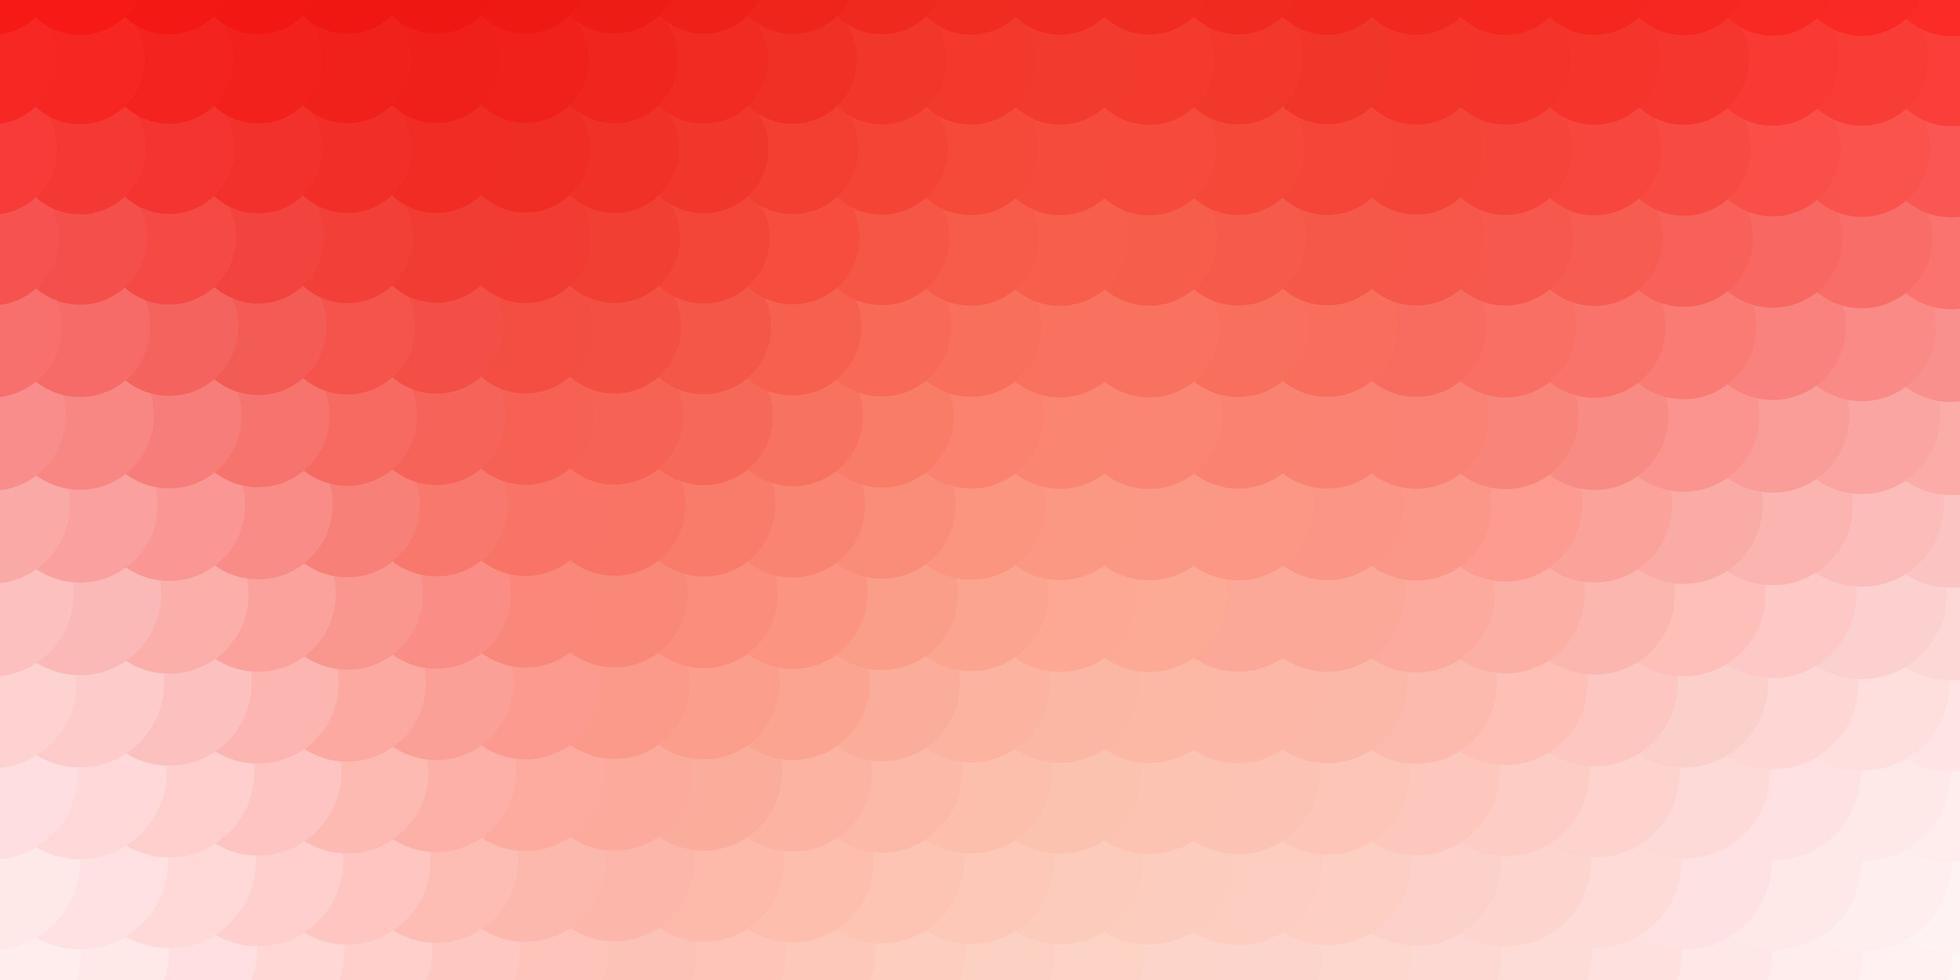 fond de vecteur rouge clair avec des bulles.